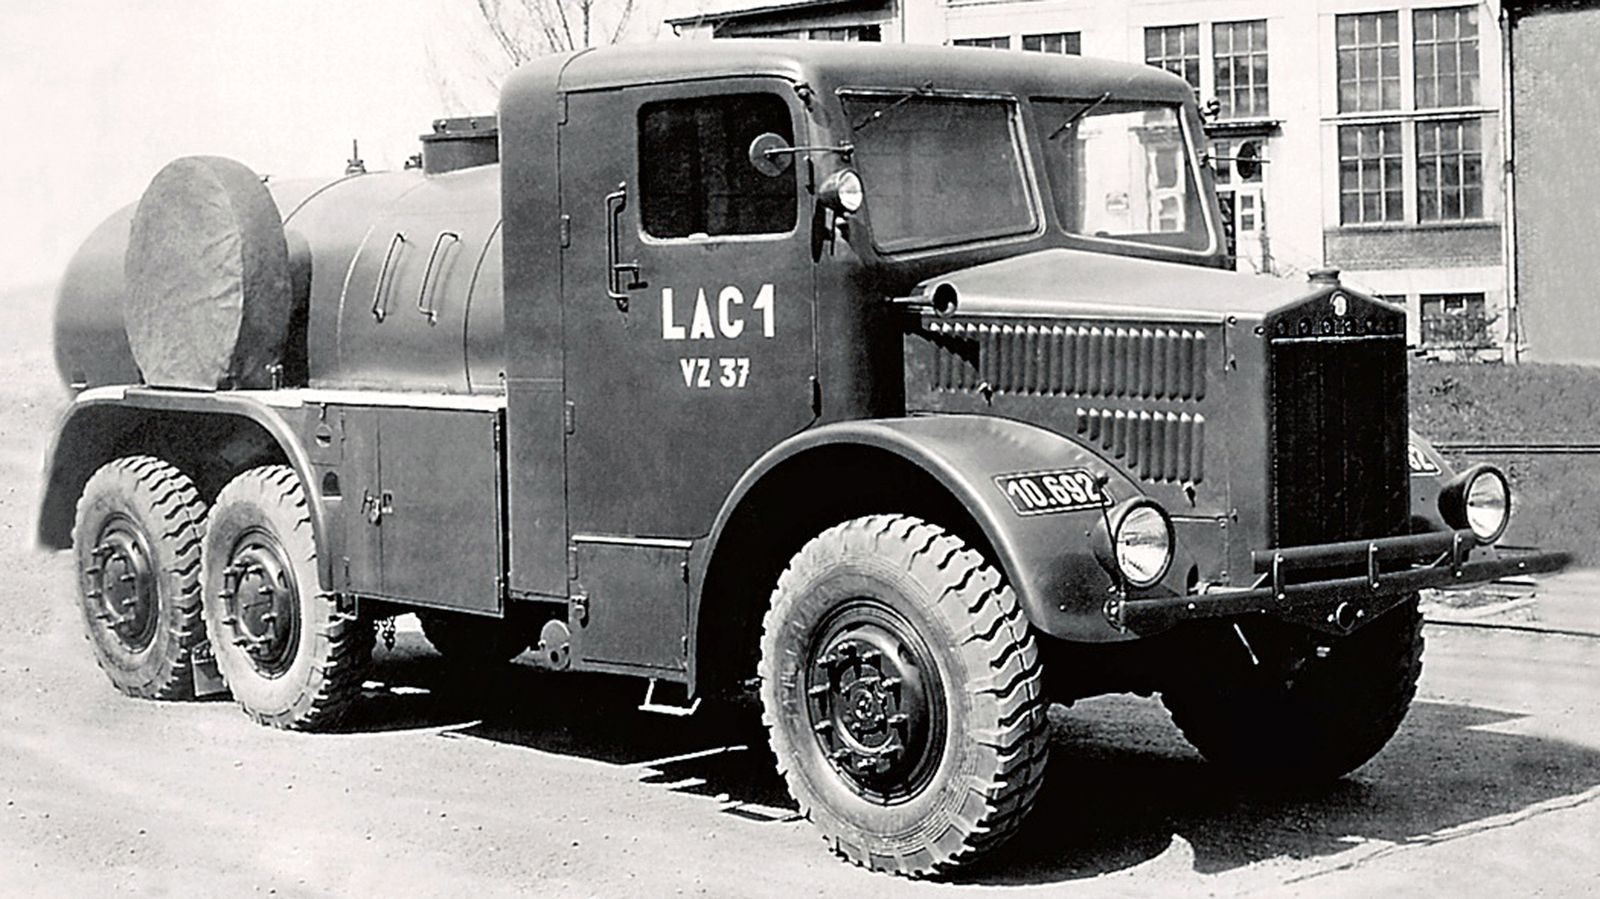 Хребтовые рамы, воздушные оппозиты и дизели V12 на службе Вермахта: Tatra Второй мировой